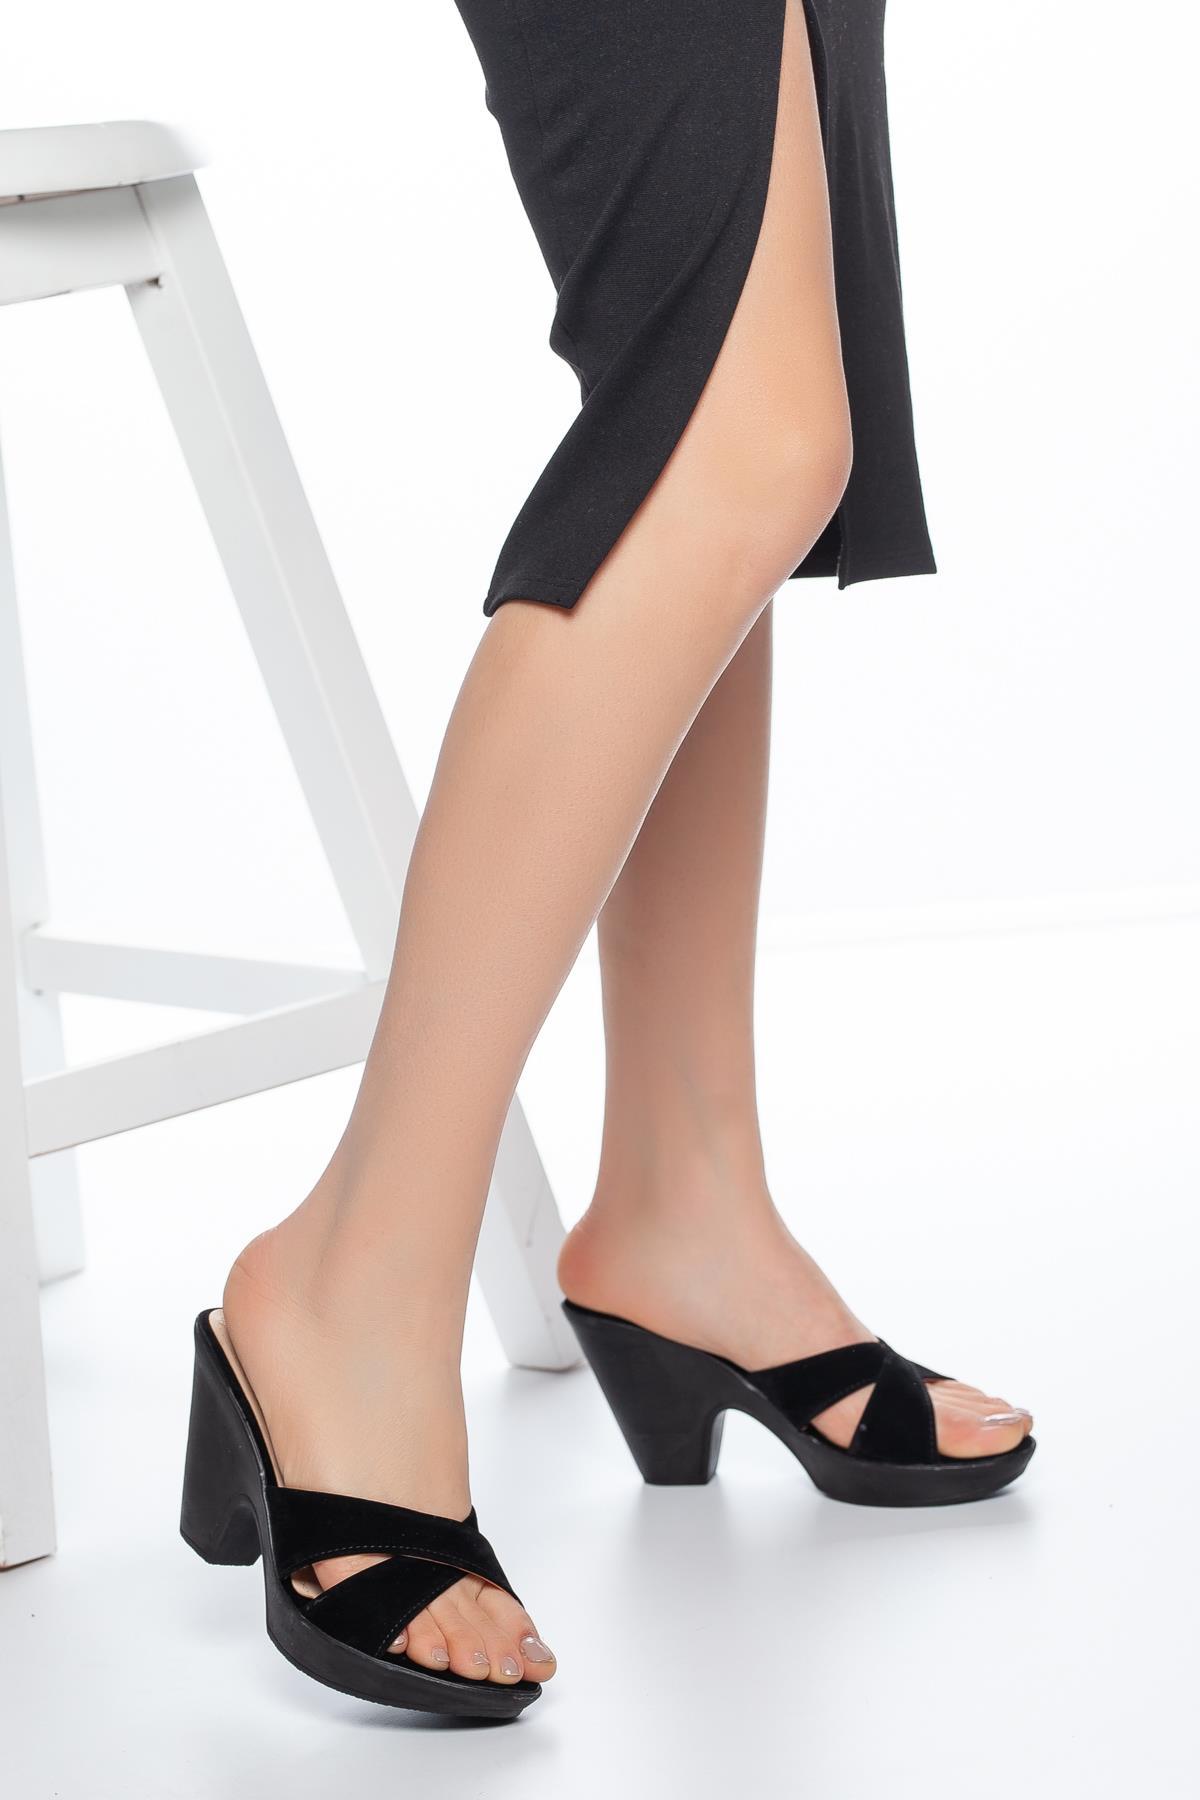 Women's Summer Heeled Slippers